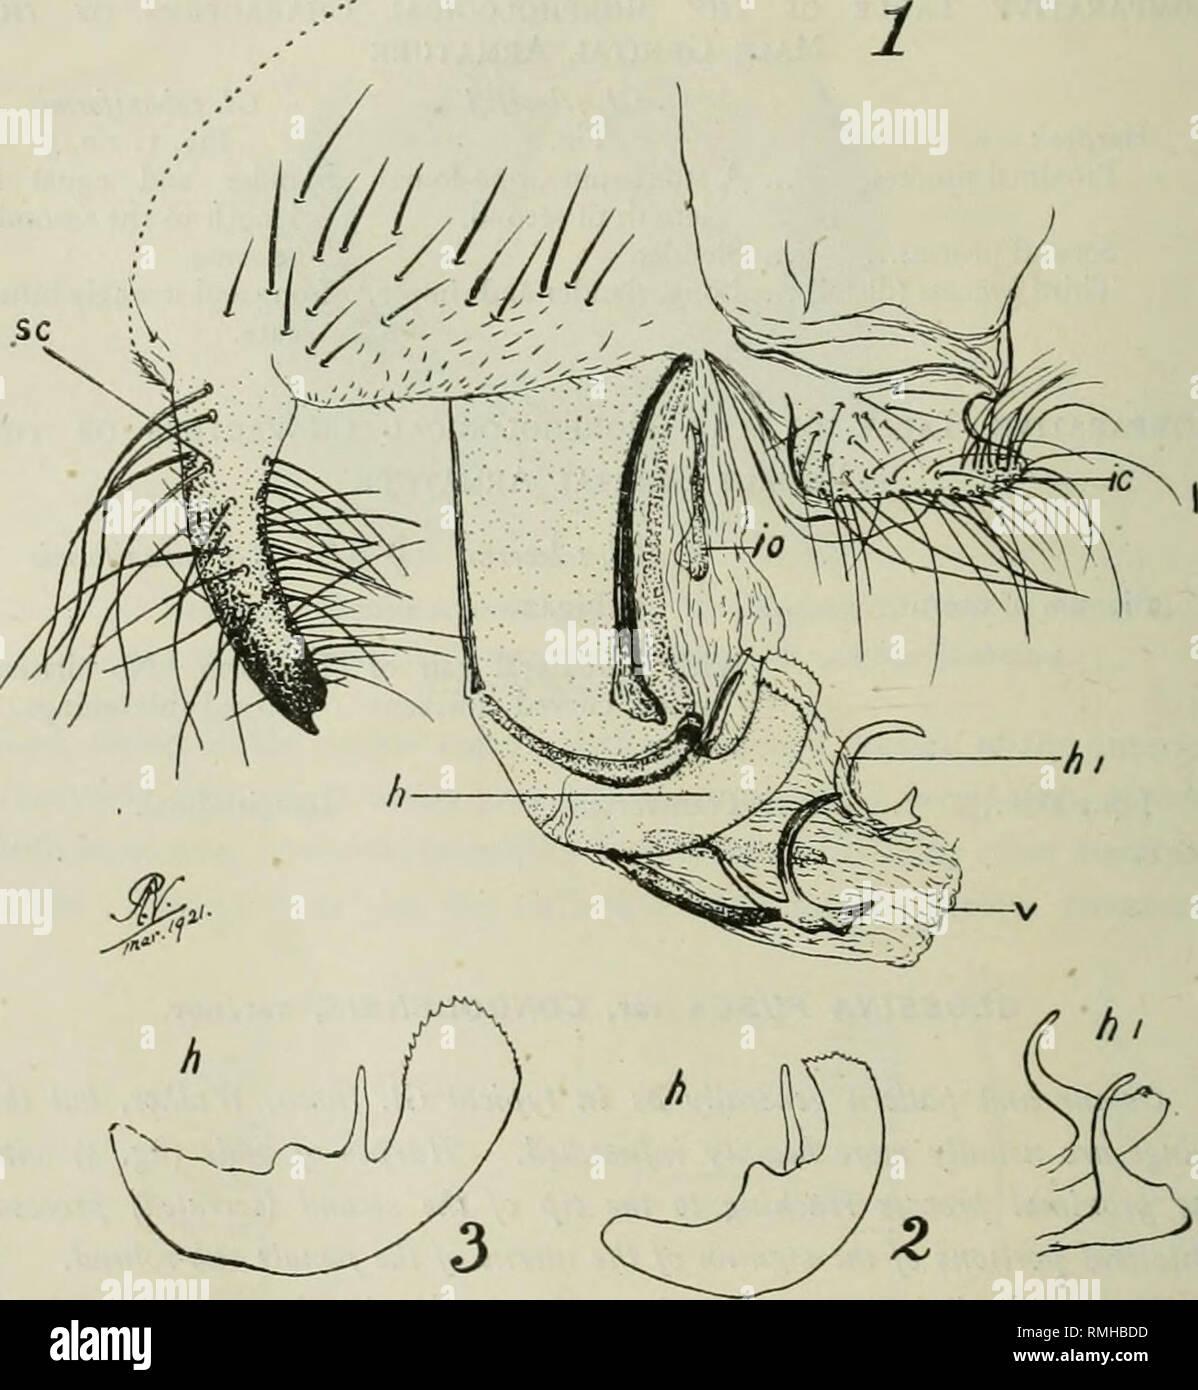 . Annalen Der Tropenmedizin Und Parasitologie. Parasiten. Die Vorstehende  Beschreibung, Und Auch Die IUustrations Die Begleiten Sie Auf Vierzehn  Beispiele ...